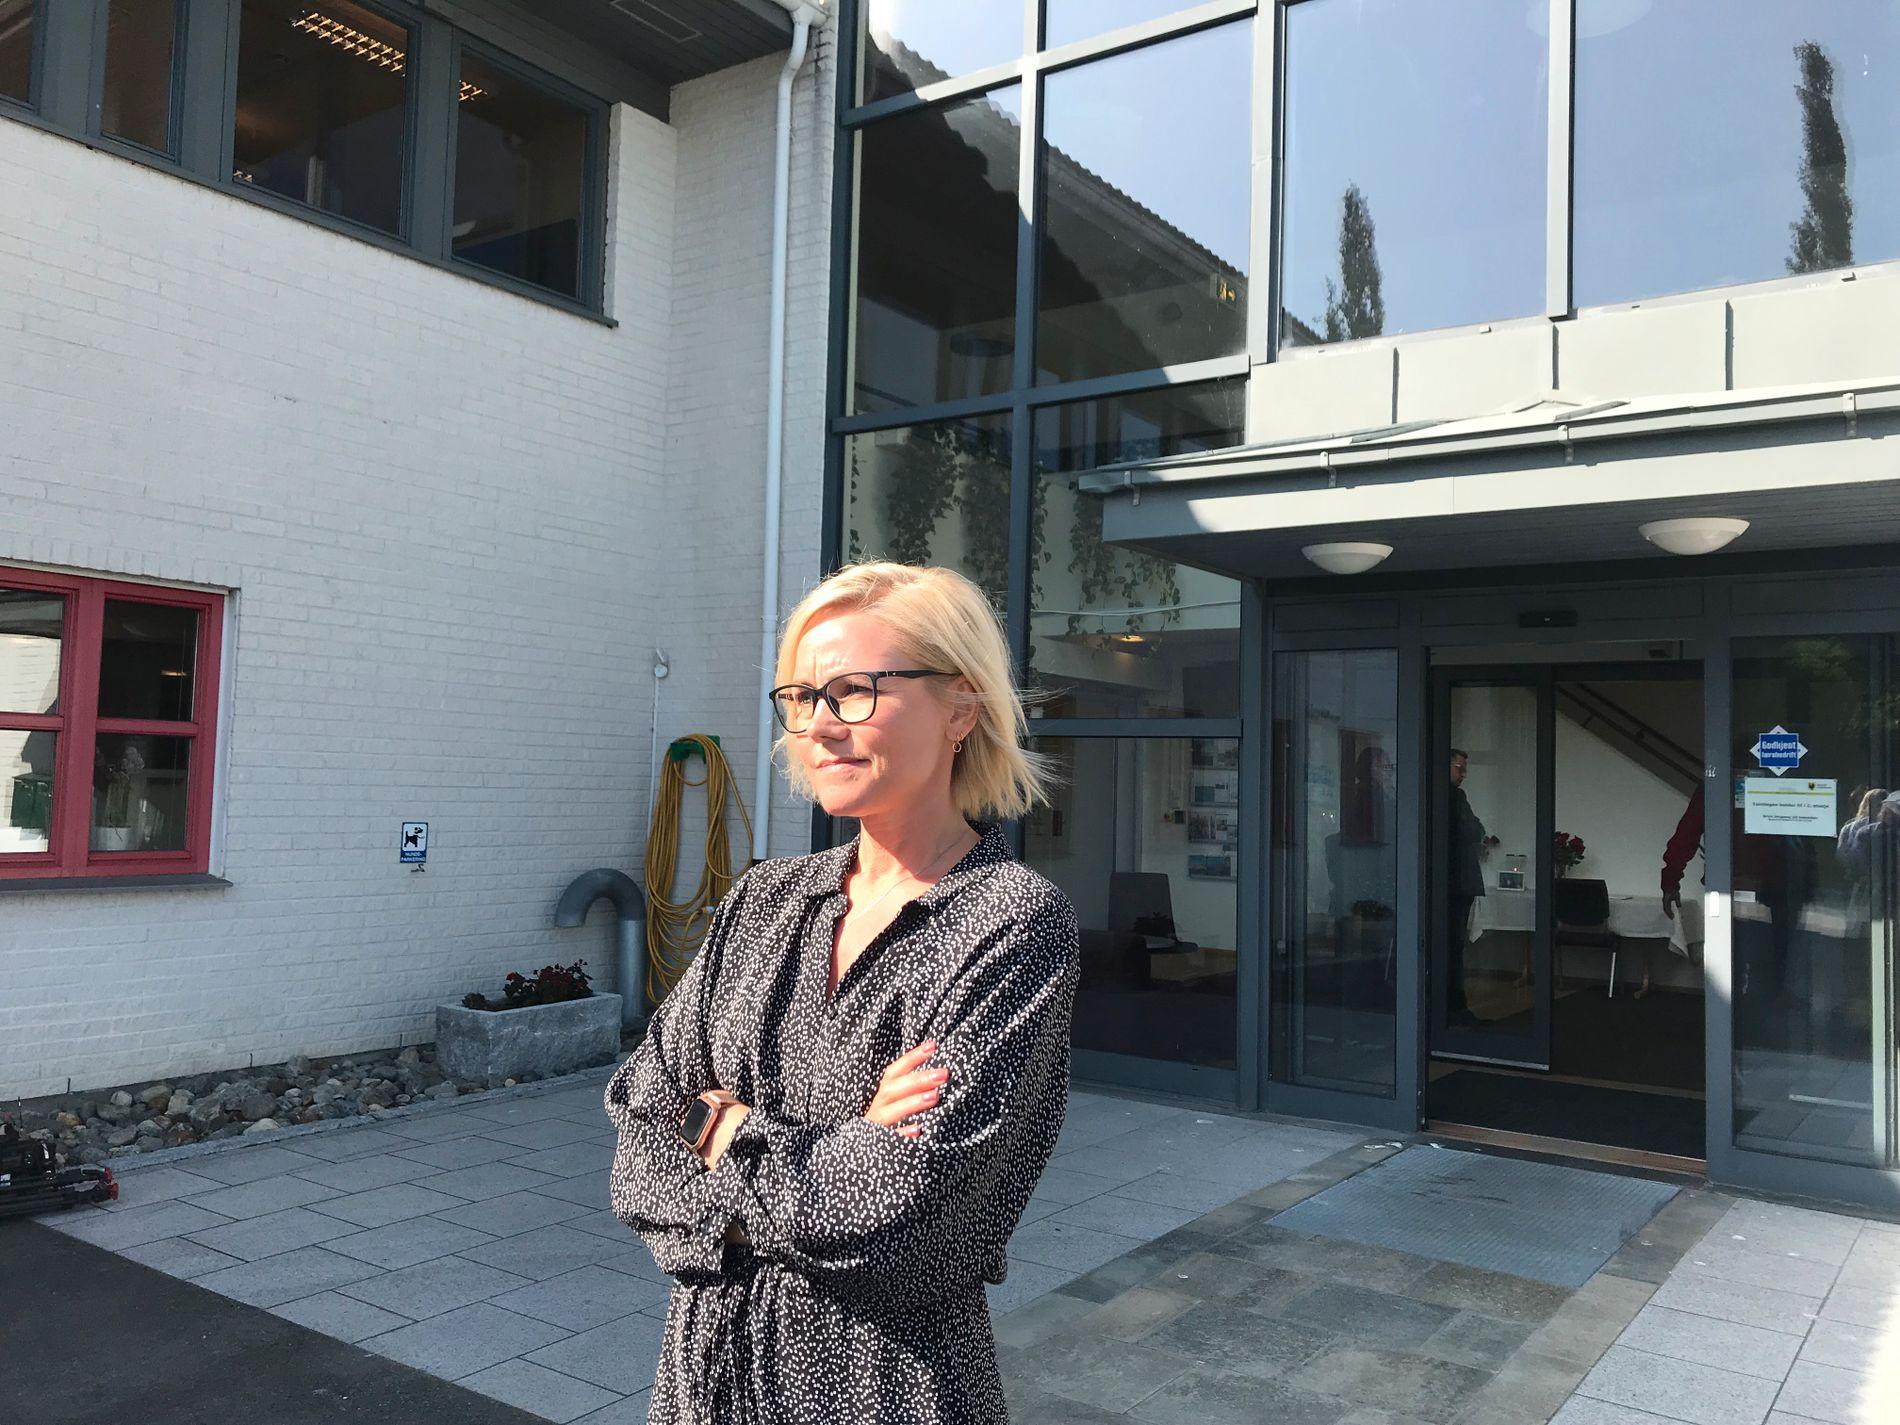 SKREV OM VENNSKAPET: Stortingsrepresentant Ingvild Kjerkol trakk fram Ingrid Aunes energi da hun skrev i protokollen.